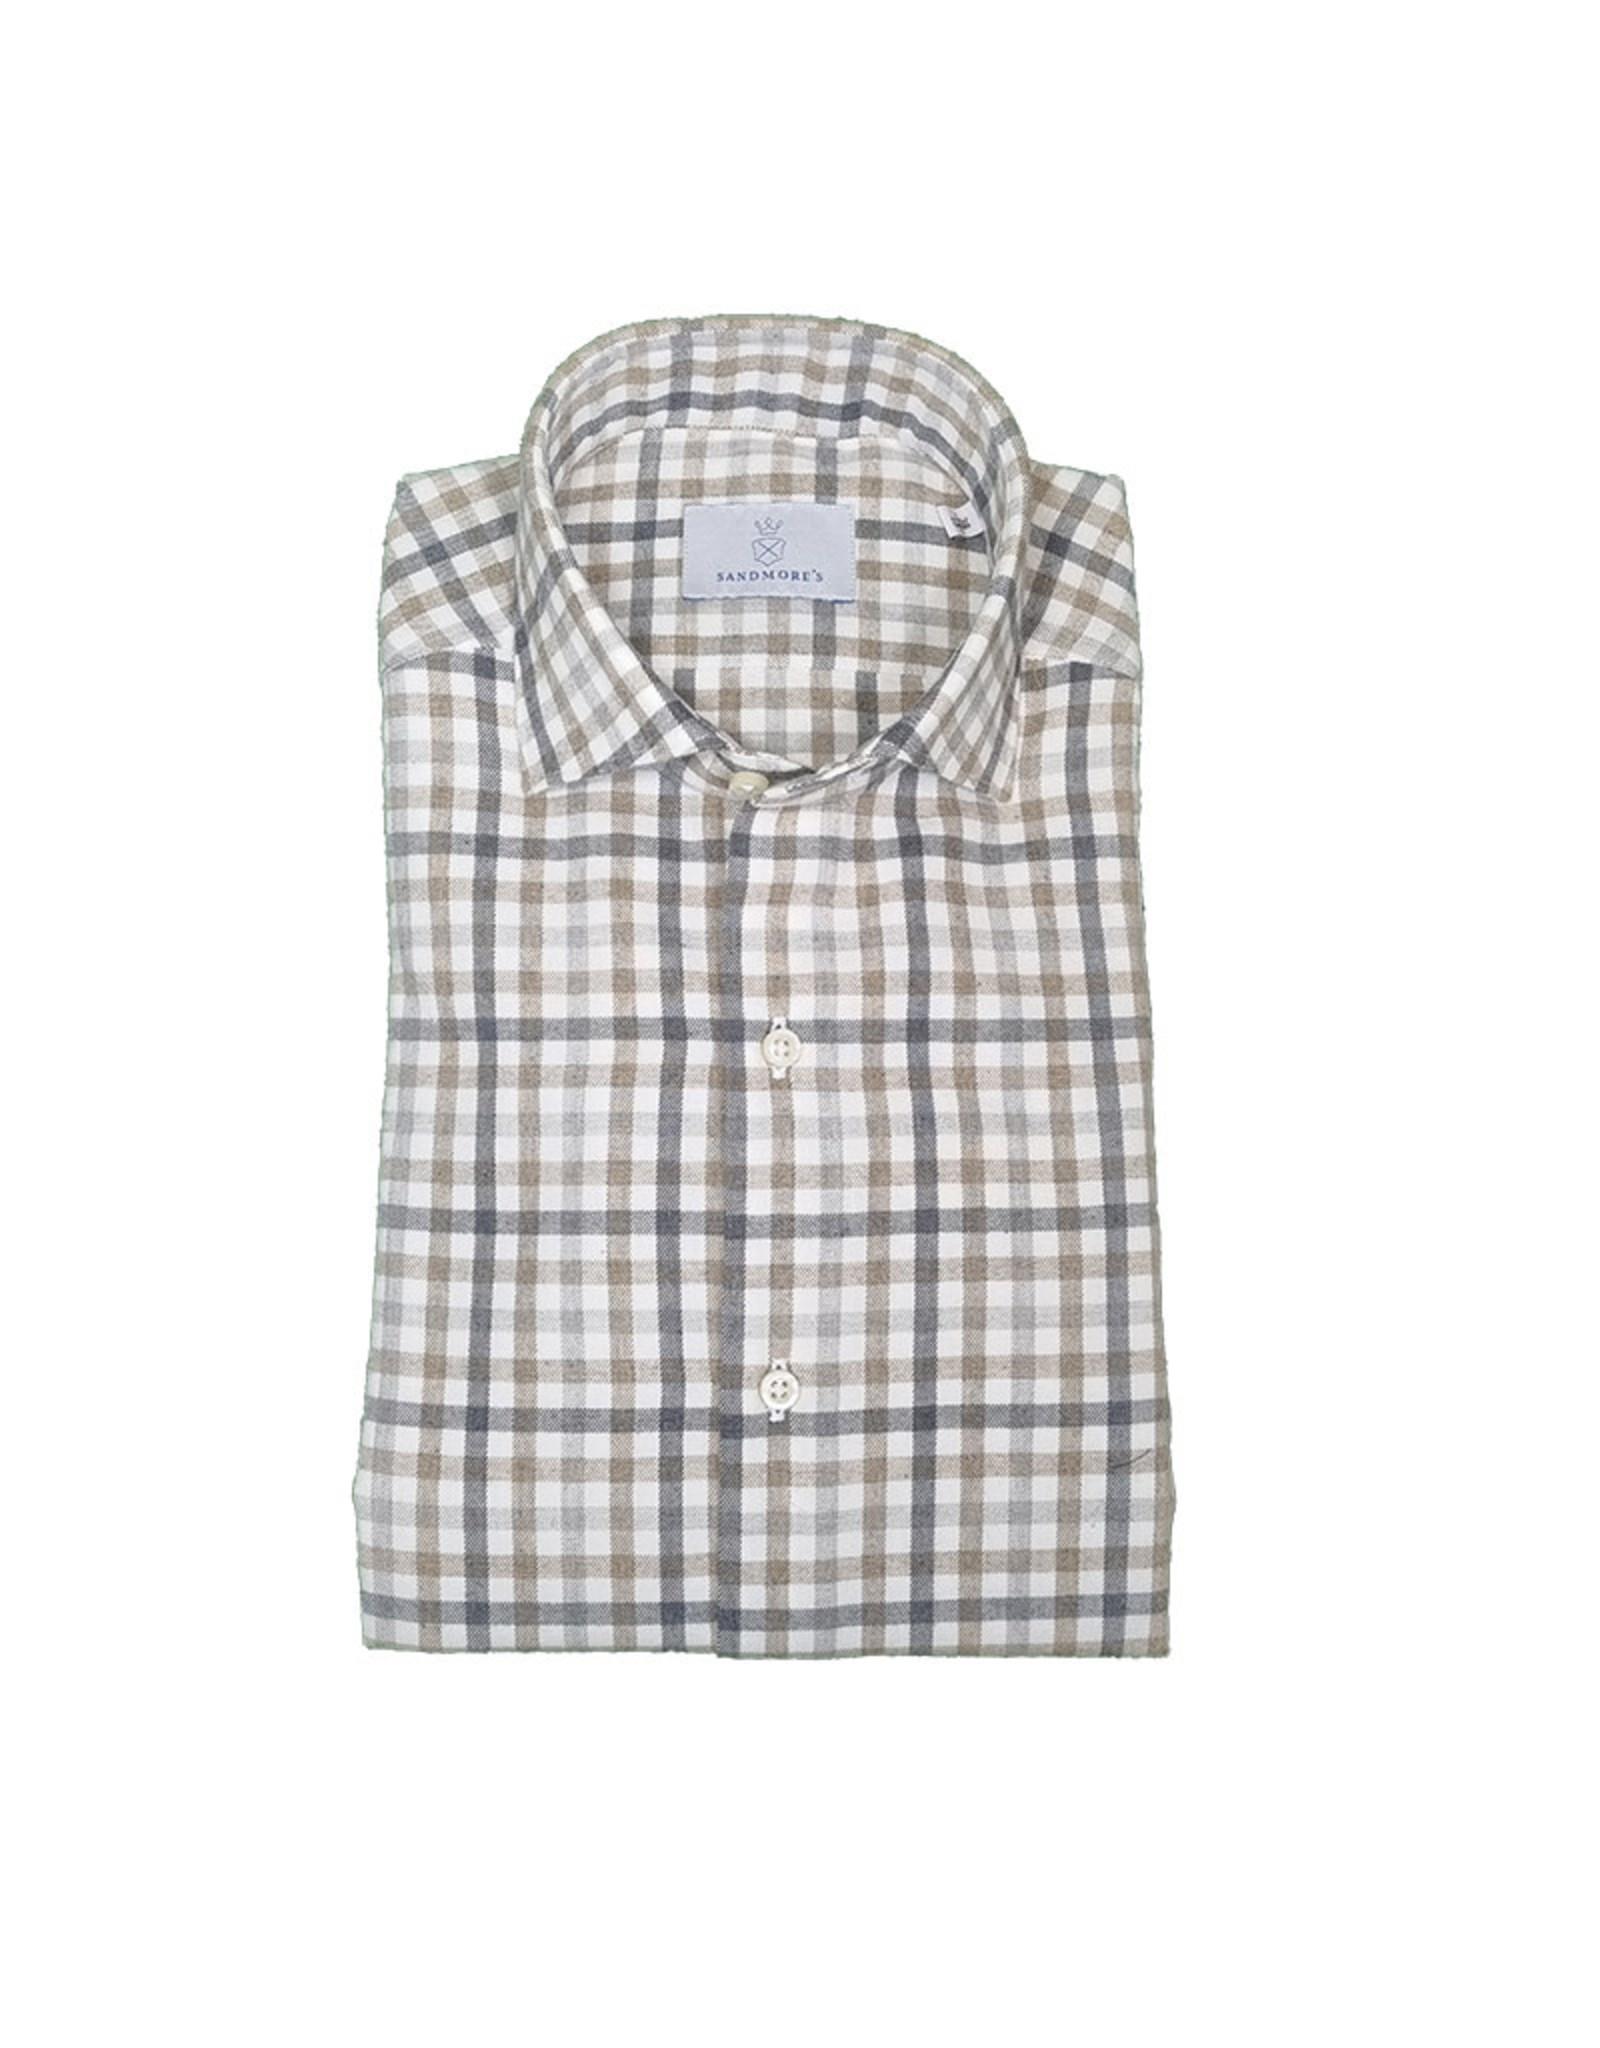 Ghirardelli Sandmore's hemd grijs-beige Contemporary F7034/04